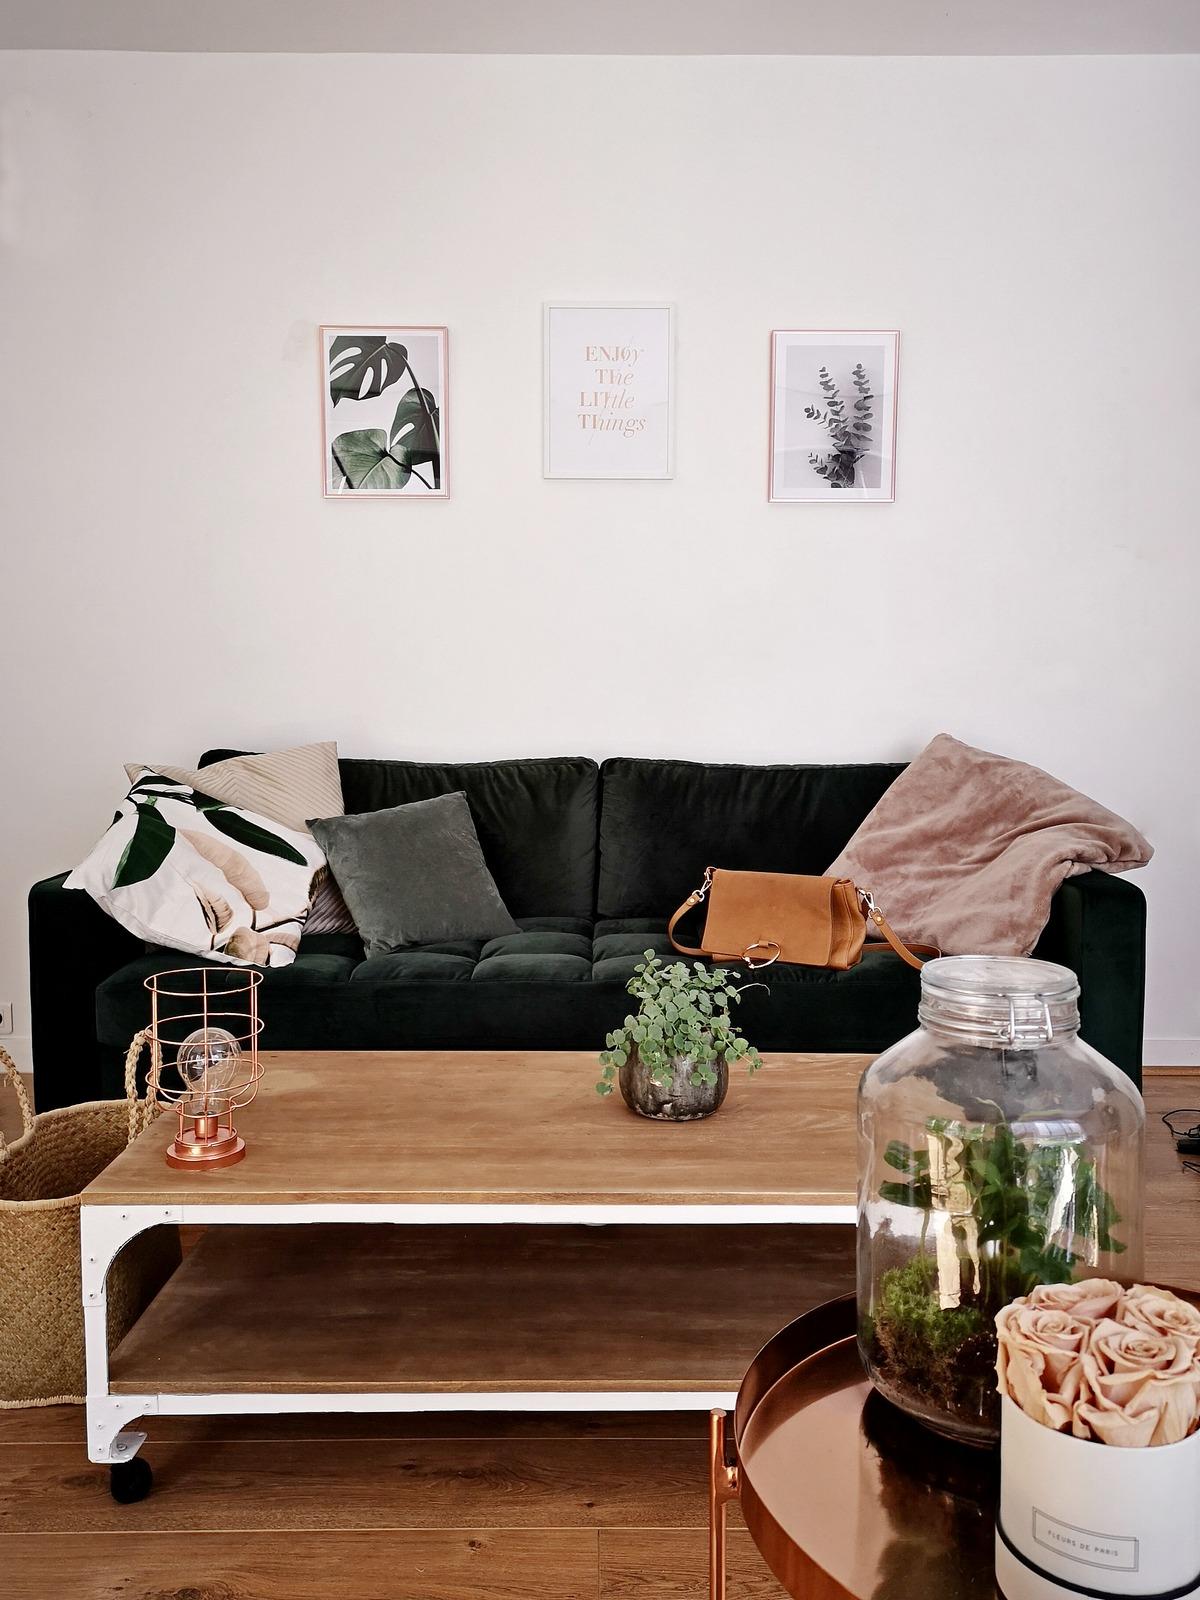 déco - cadres - poster - botanique - desenio - home - canapé vert velours - pas cher - cdiscount - table basse manguier bois - maisons du monde